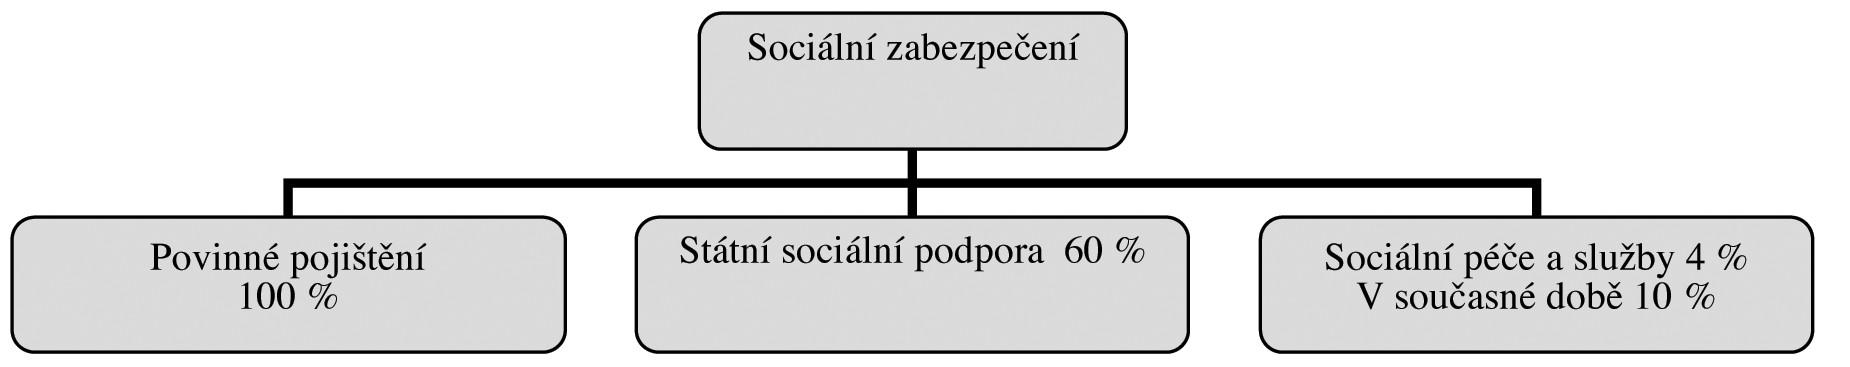 Struktura sociálního zabezpečení v České republice